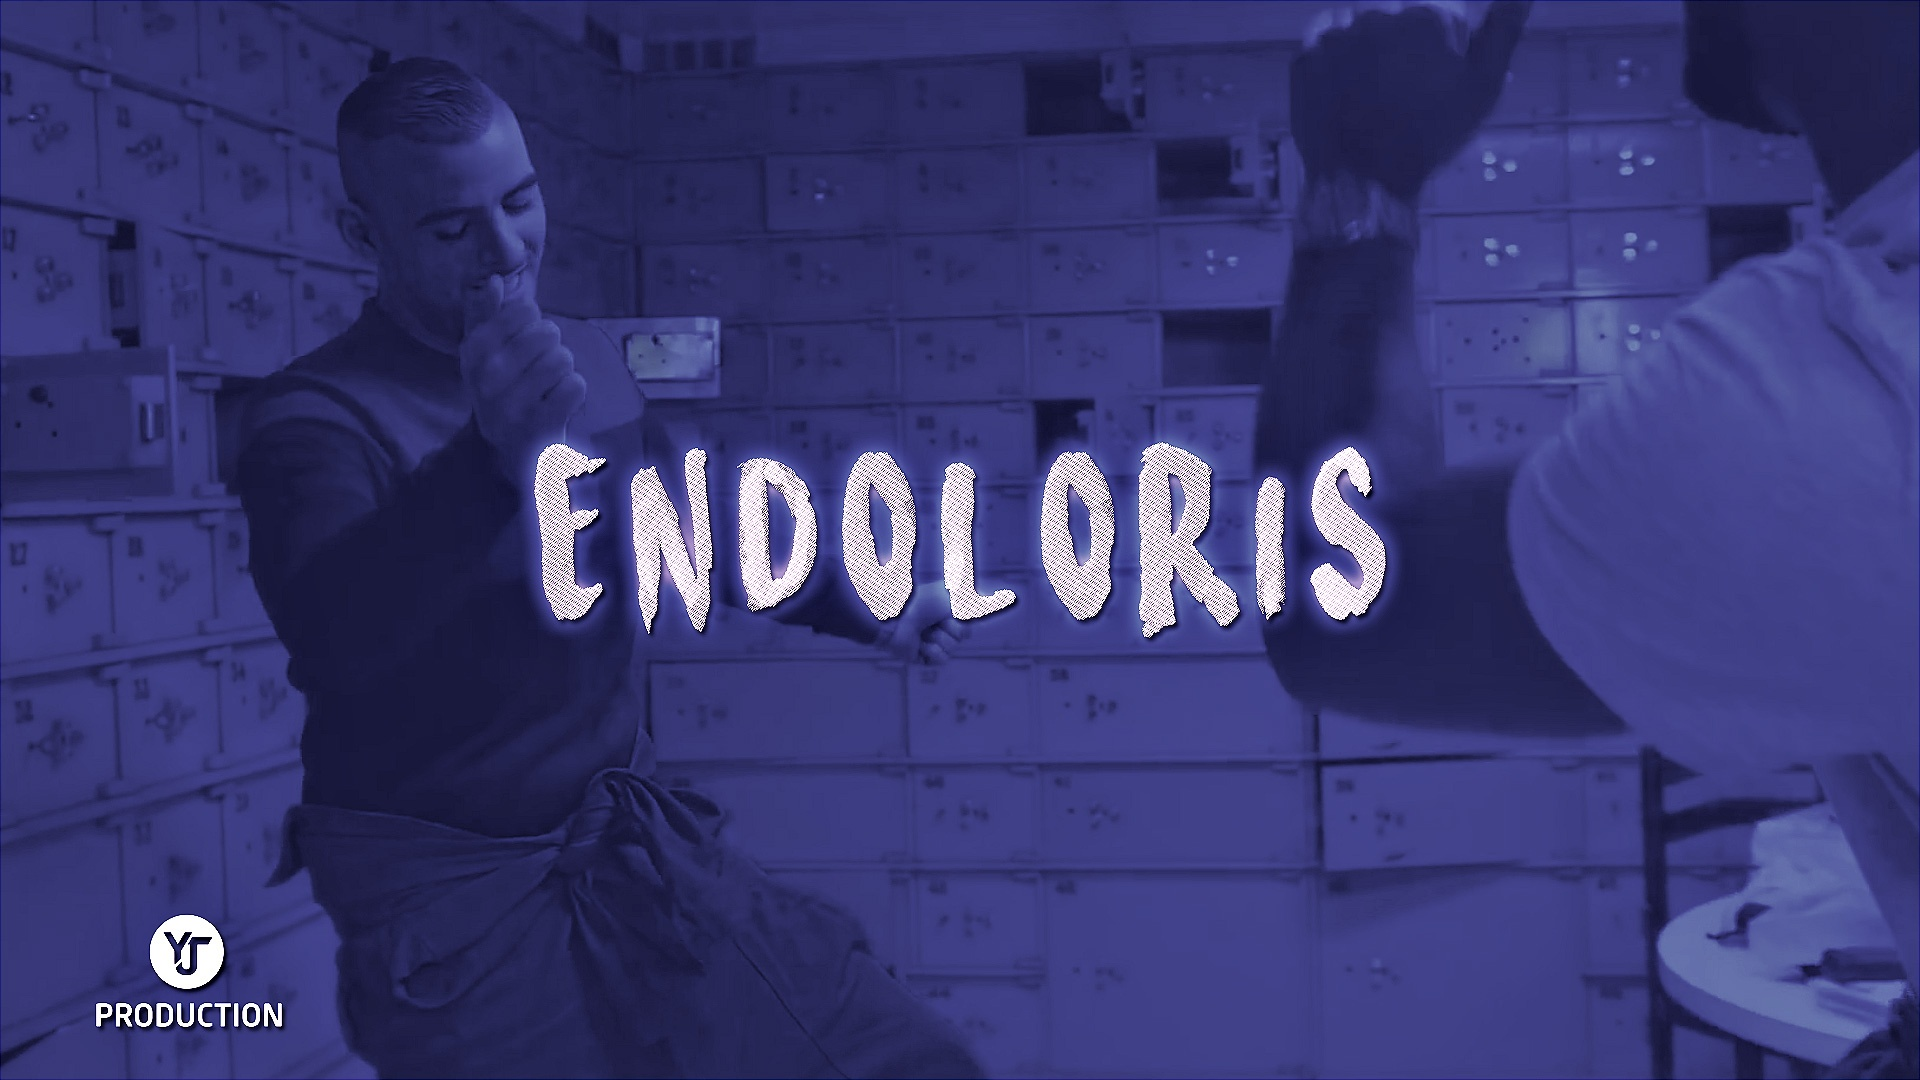 [PISTES] ENDOLORIS | YJ Production